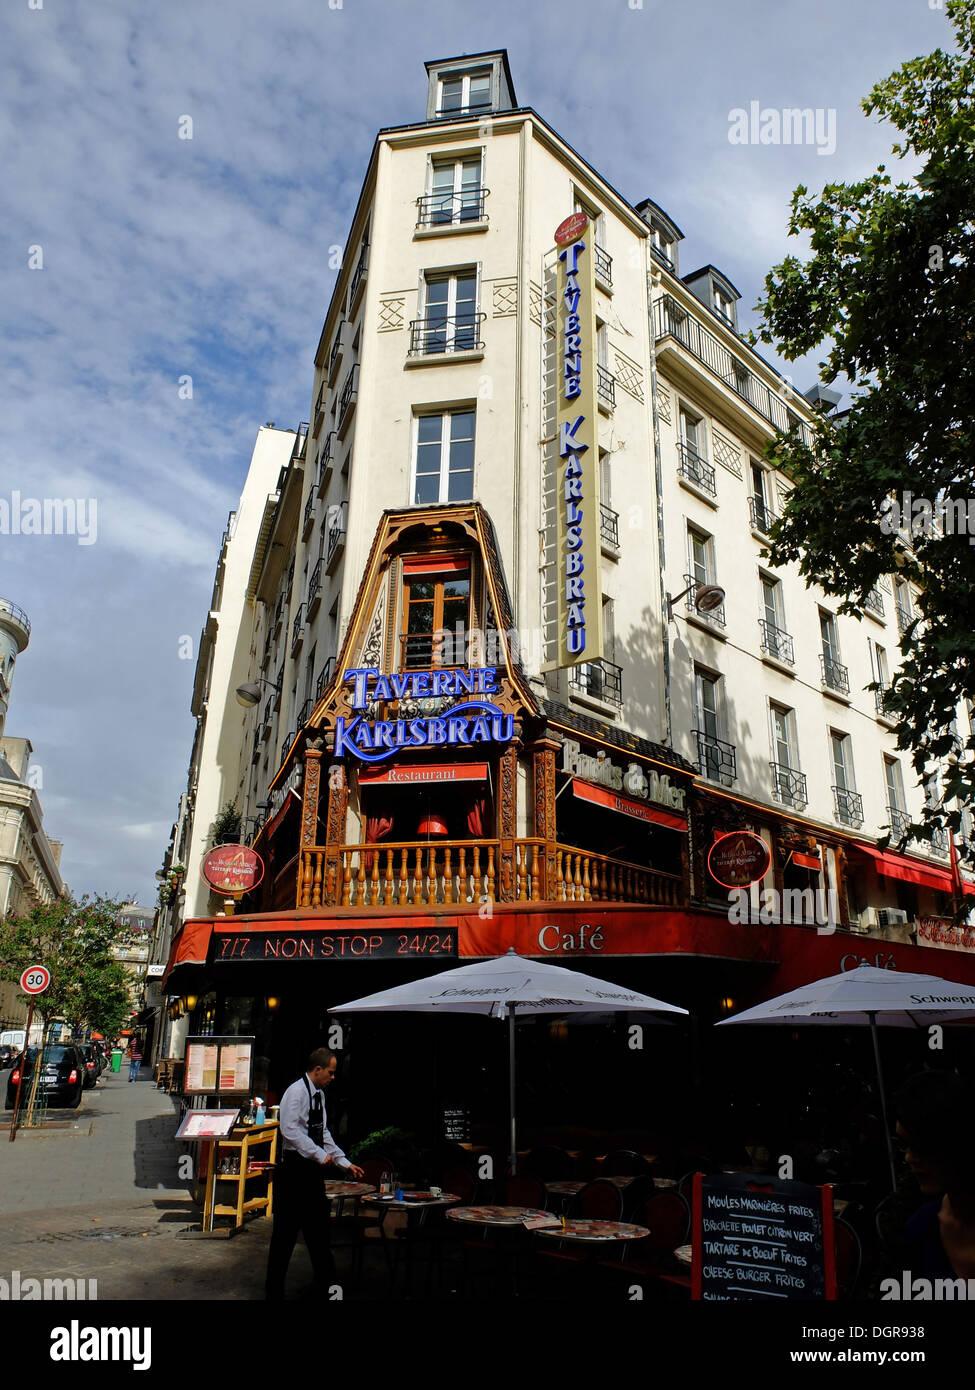 Famous restaurant Taverne Karlsbrau,les Halles,in old Paris,France - Stock Image